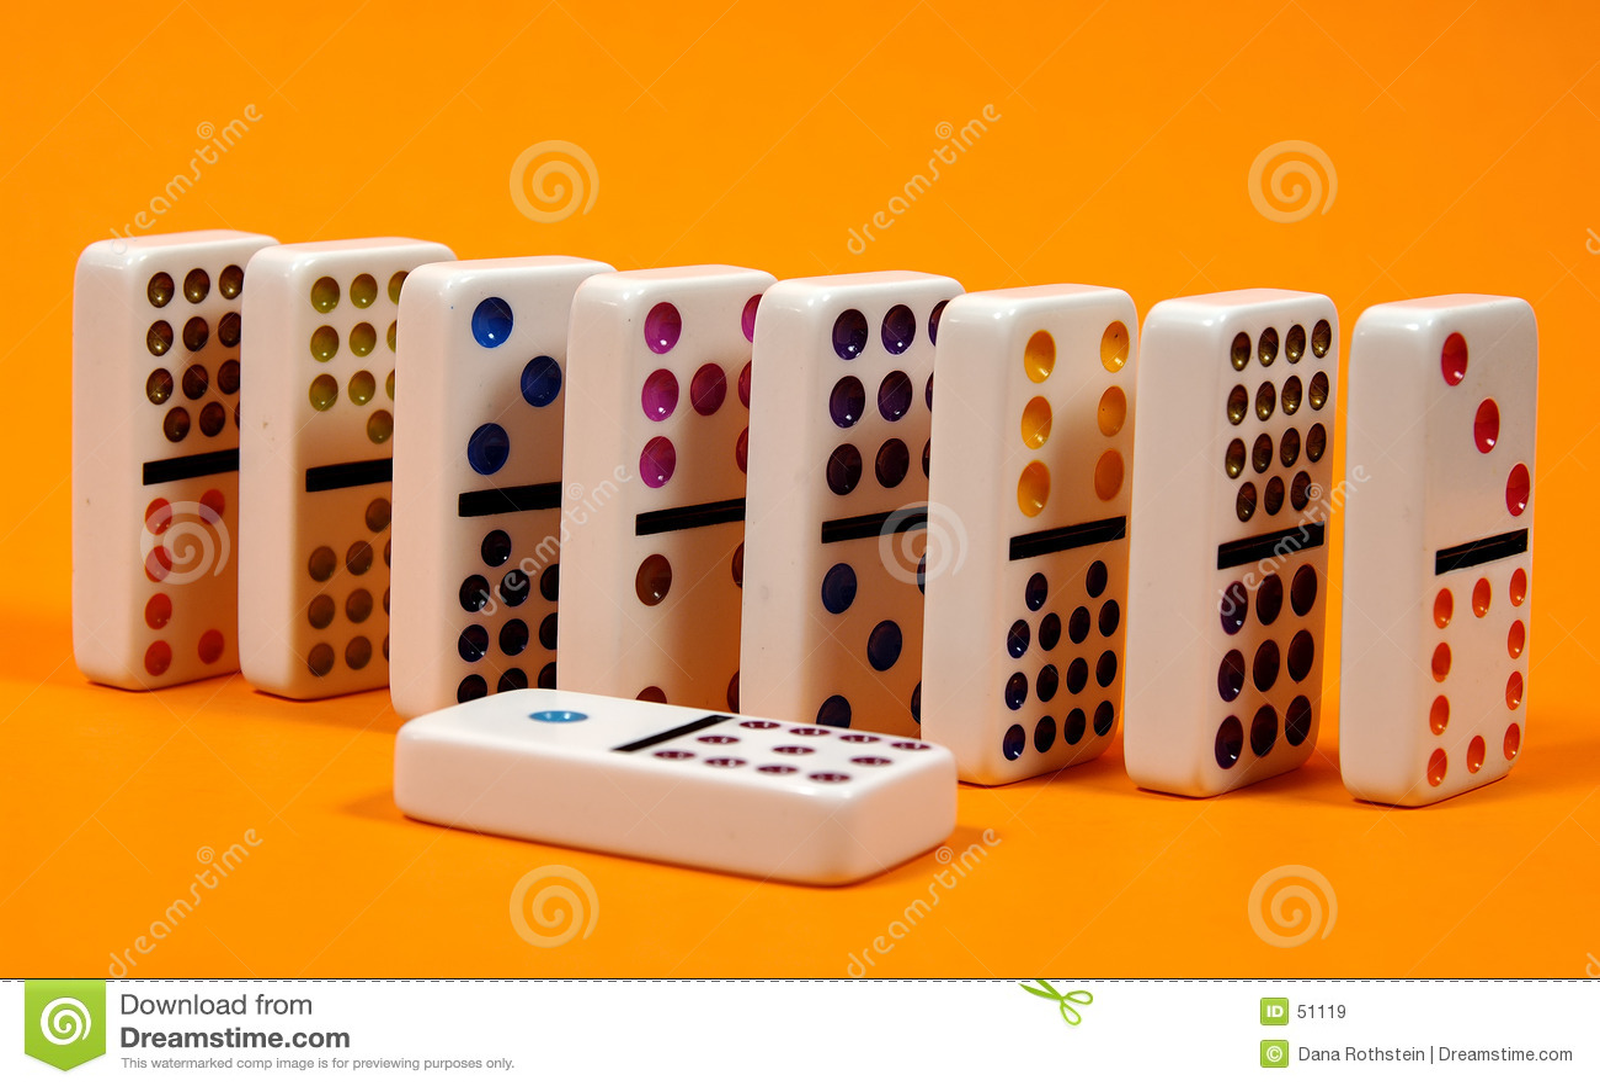 Domino 3